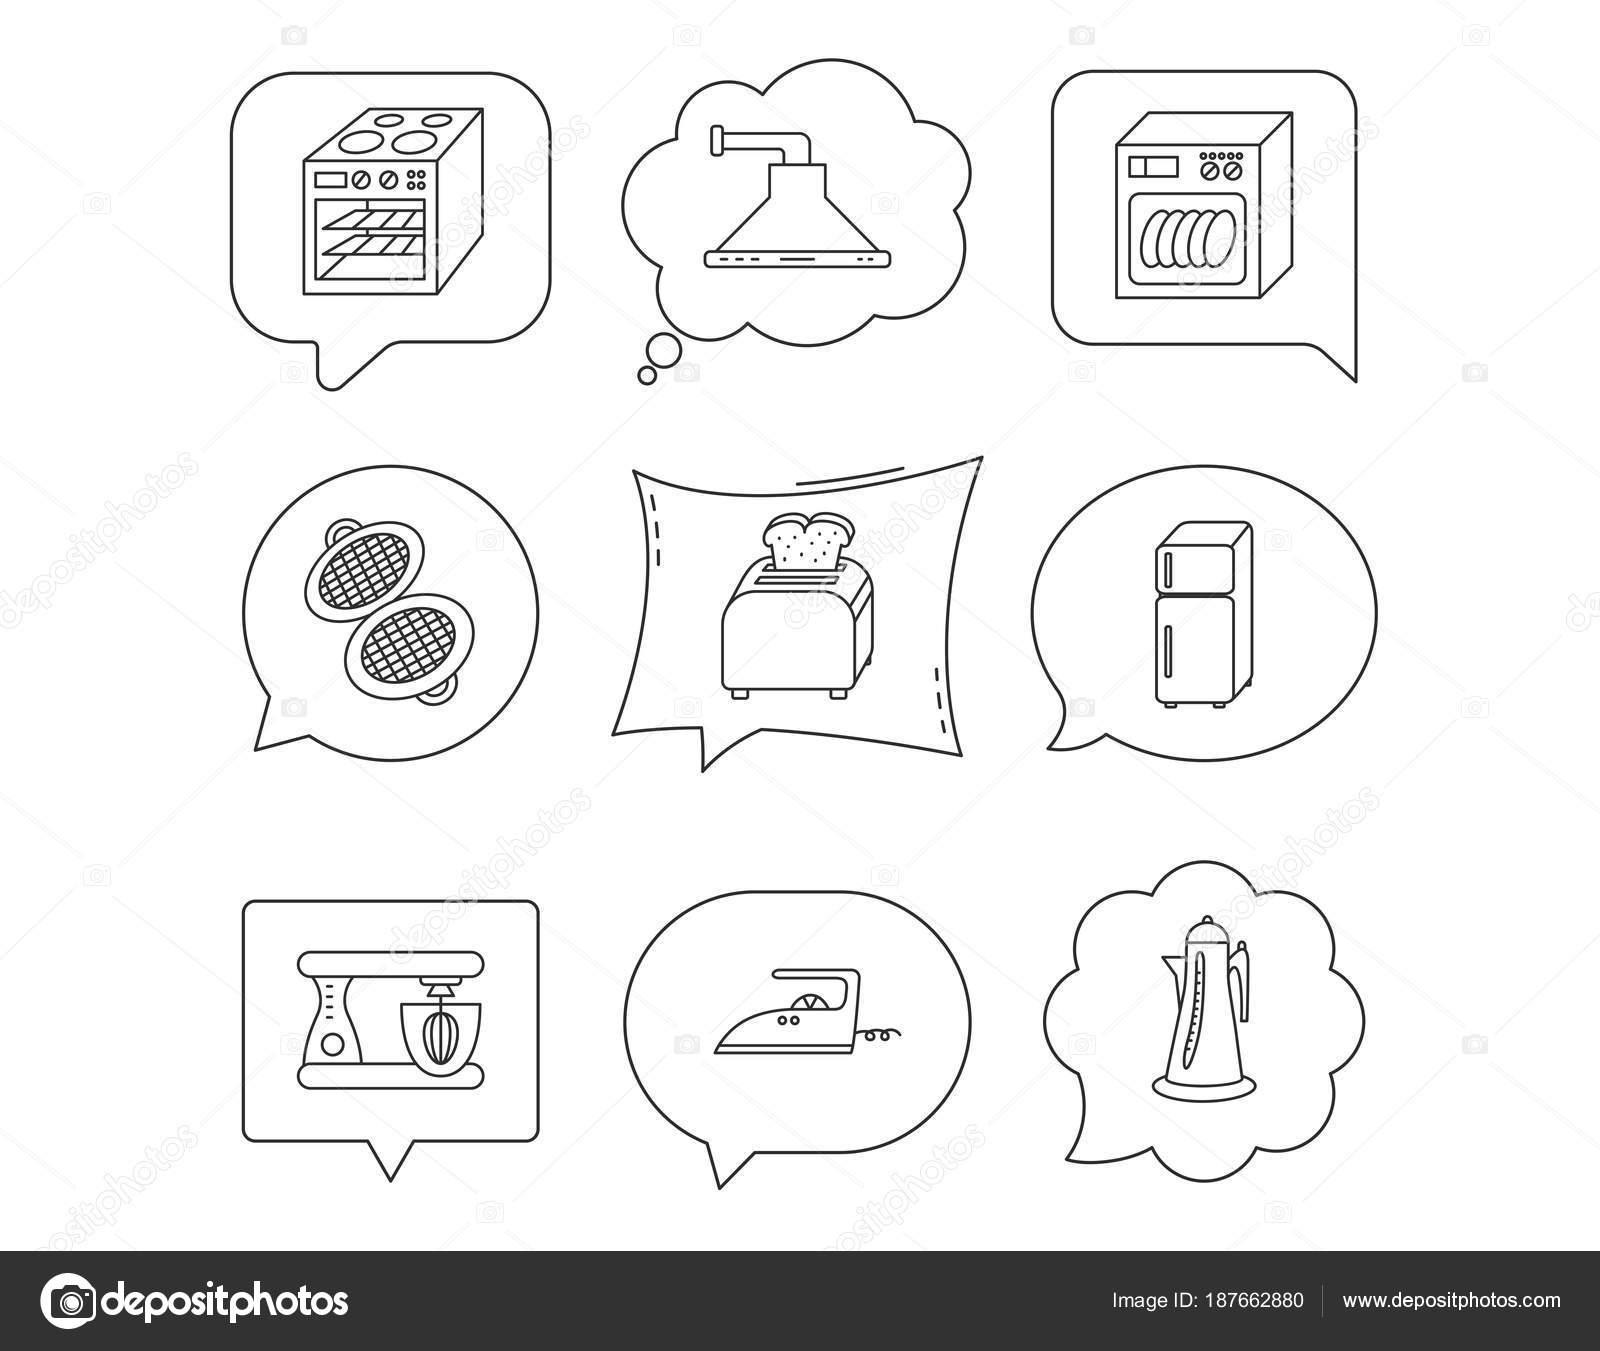 Symbole Splmaschine. Finest Bosch Wasserhrte Einstellung